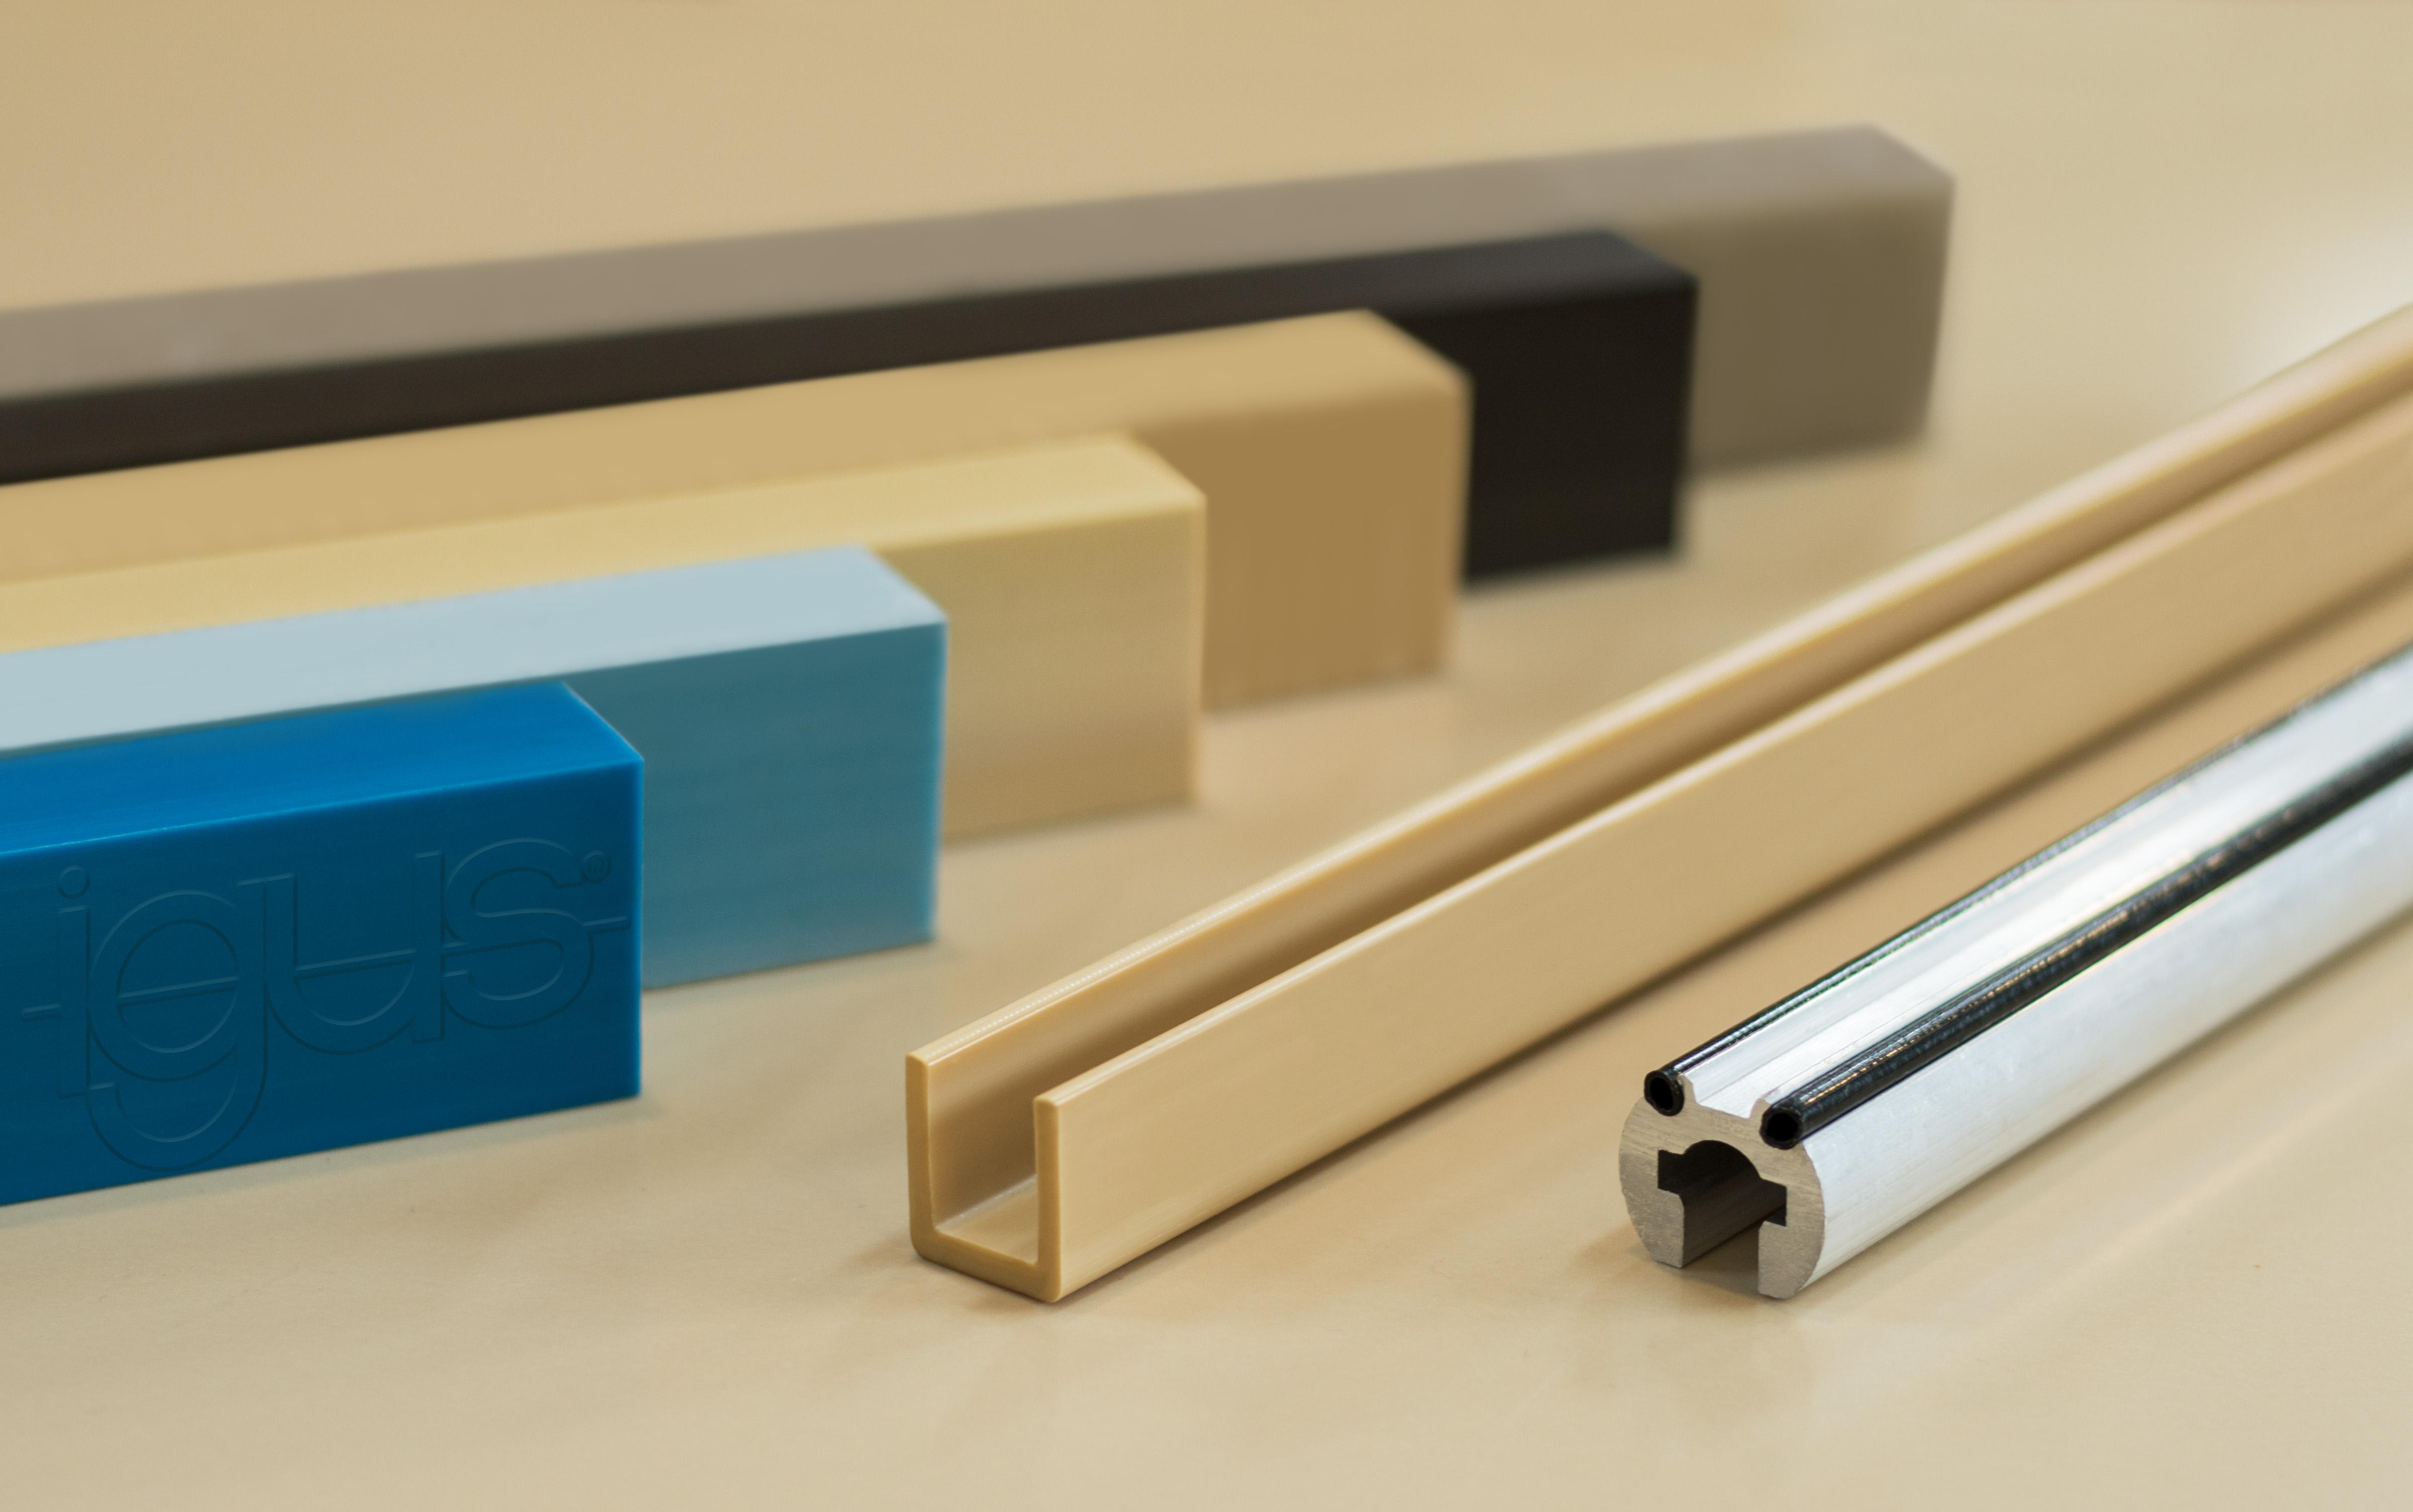 fakuma 2017 neue industrieprofile aus kunststoff. Black Bedroom Furniture Sets. Home Design Ideas